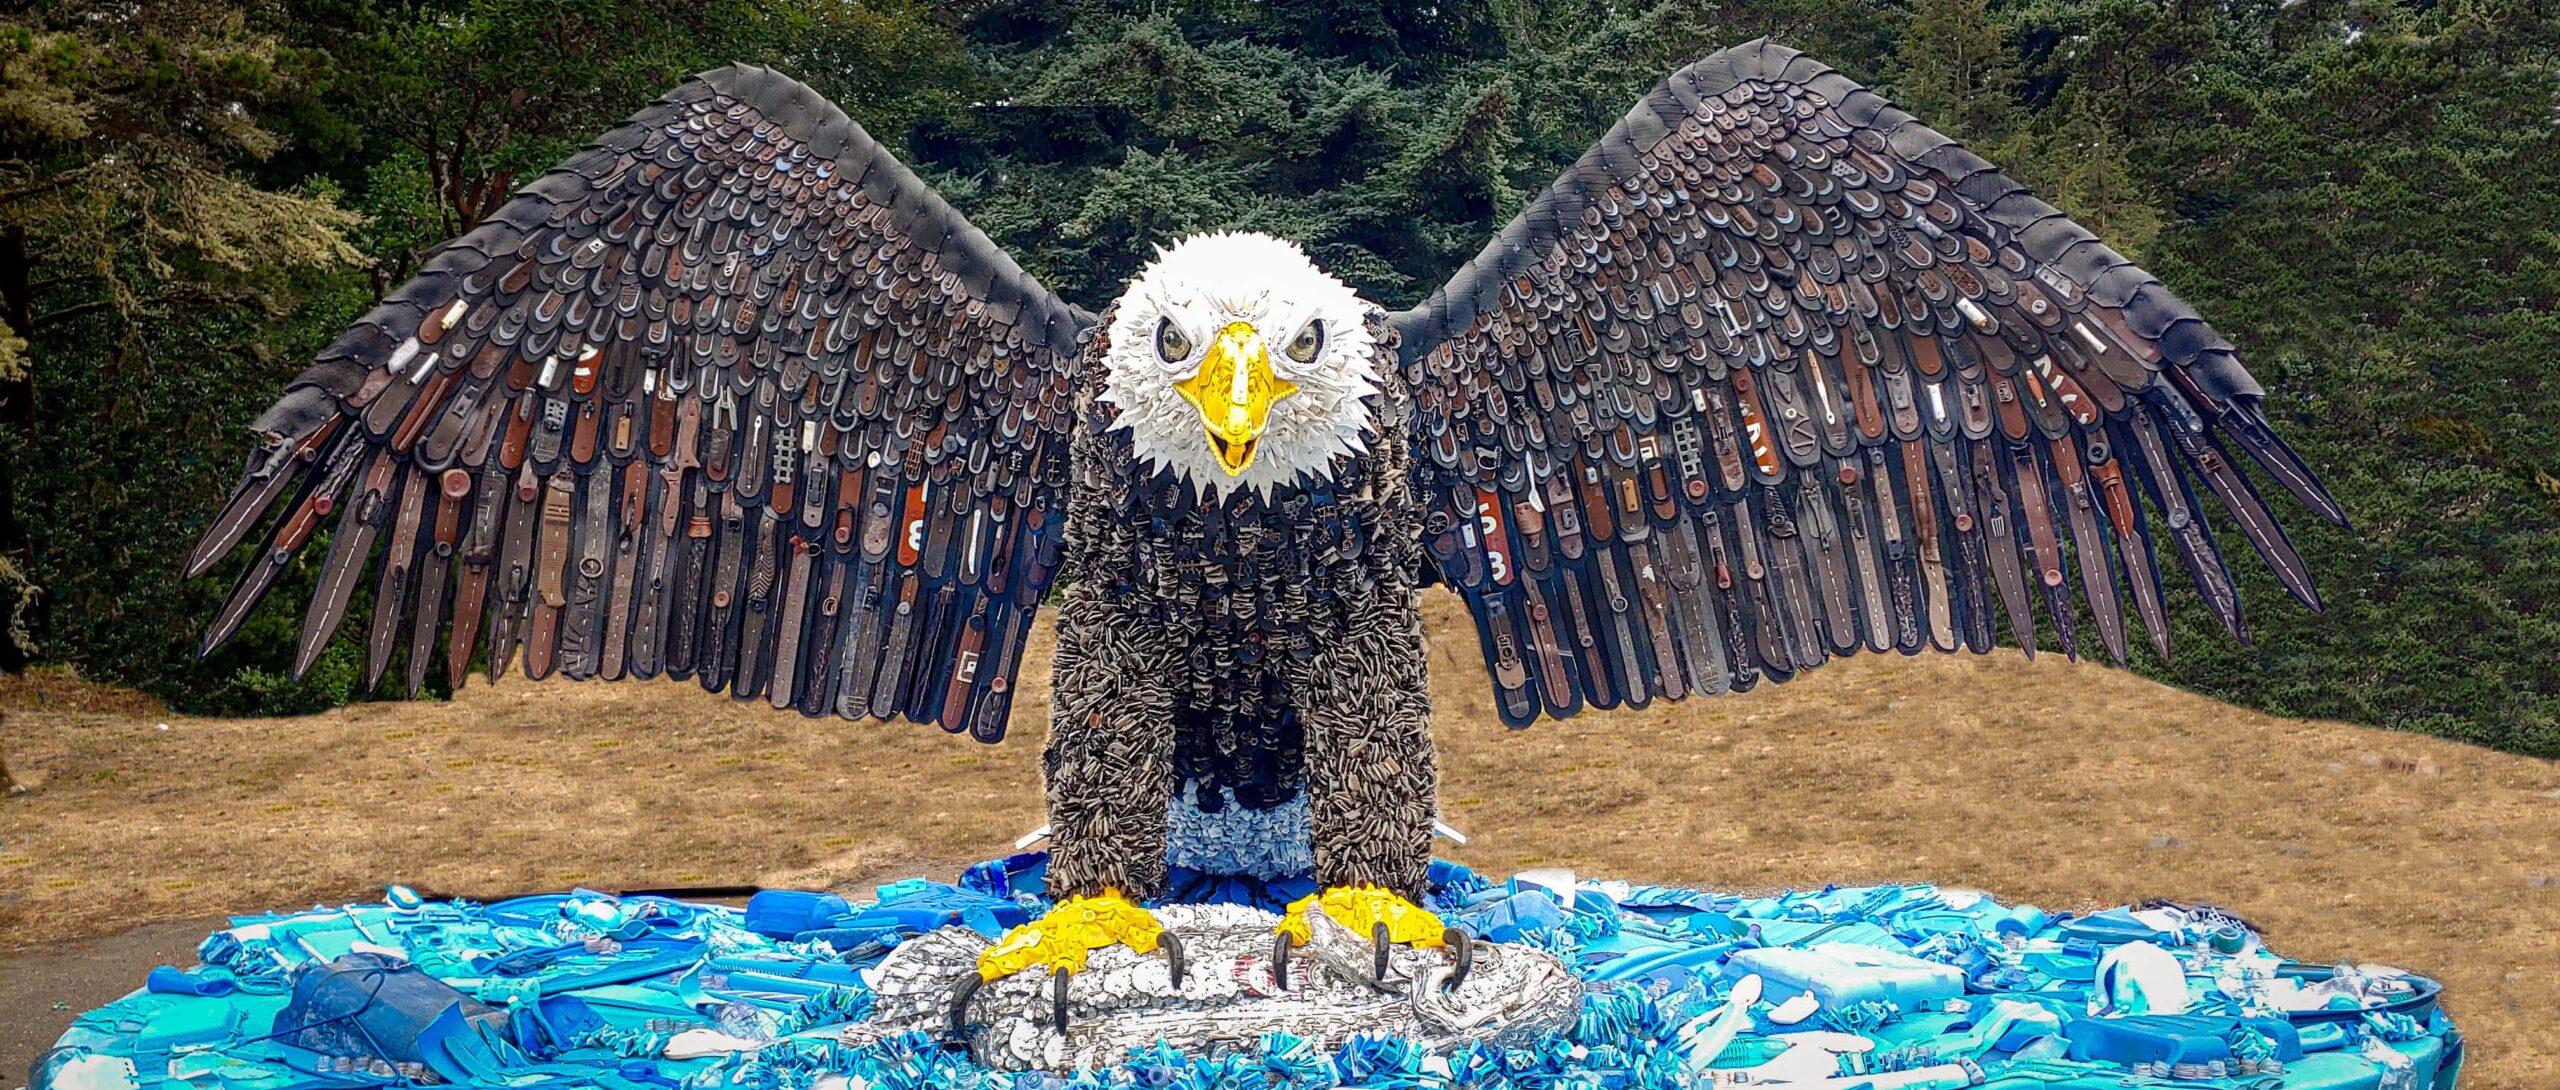 Rosa the Eagle, Washed Ashore